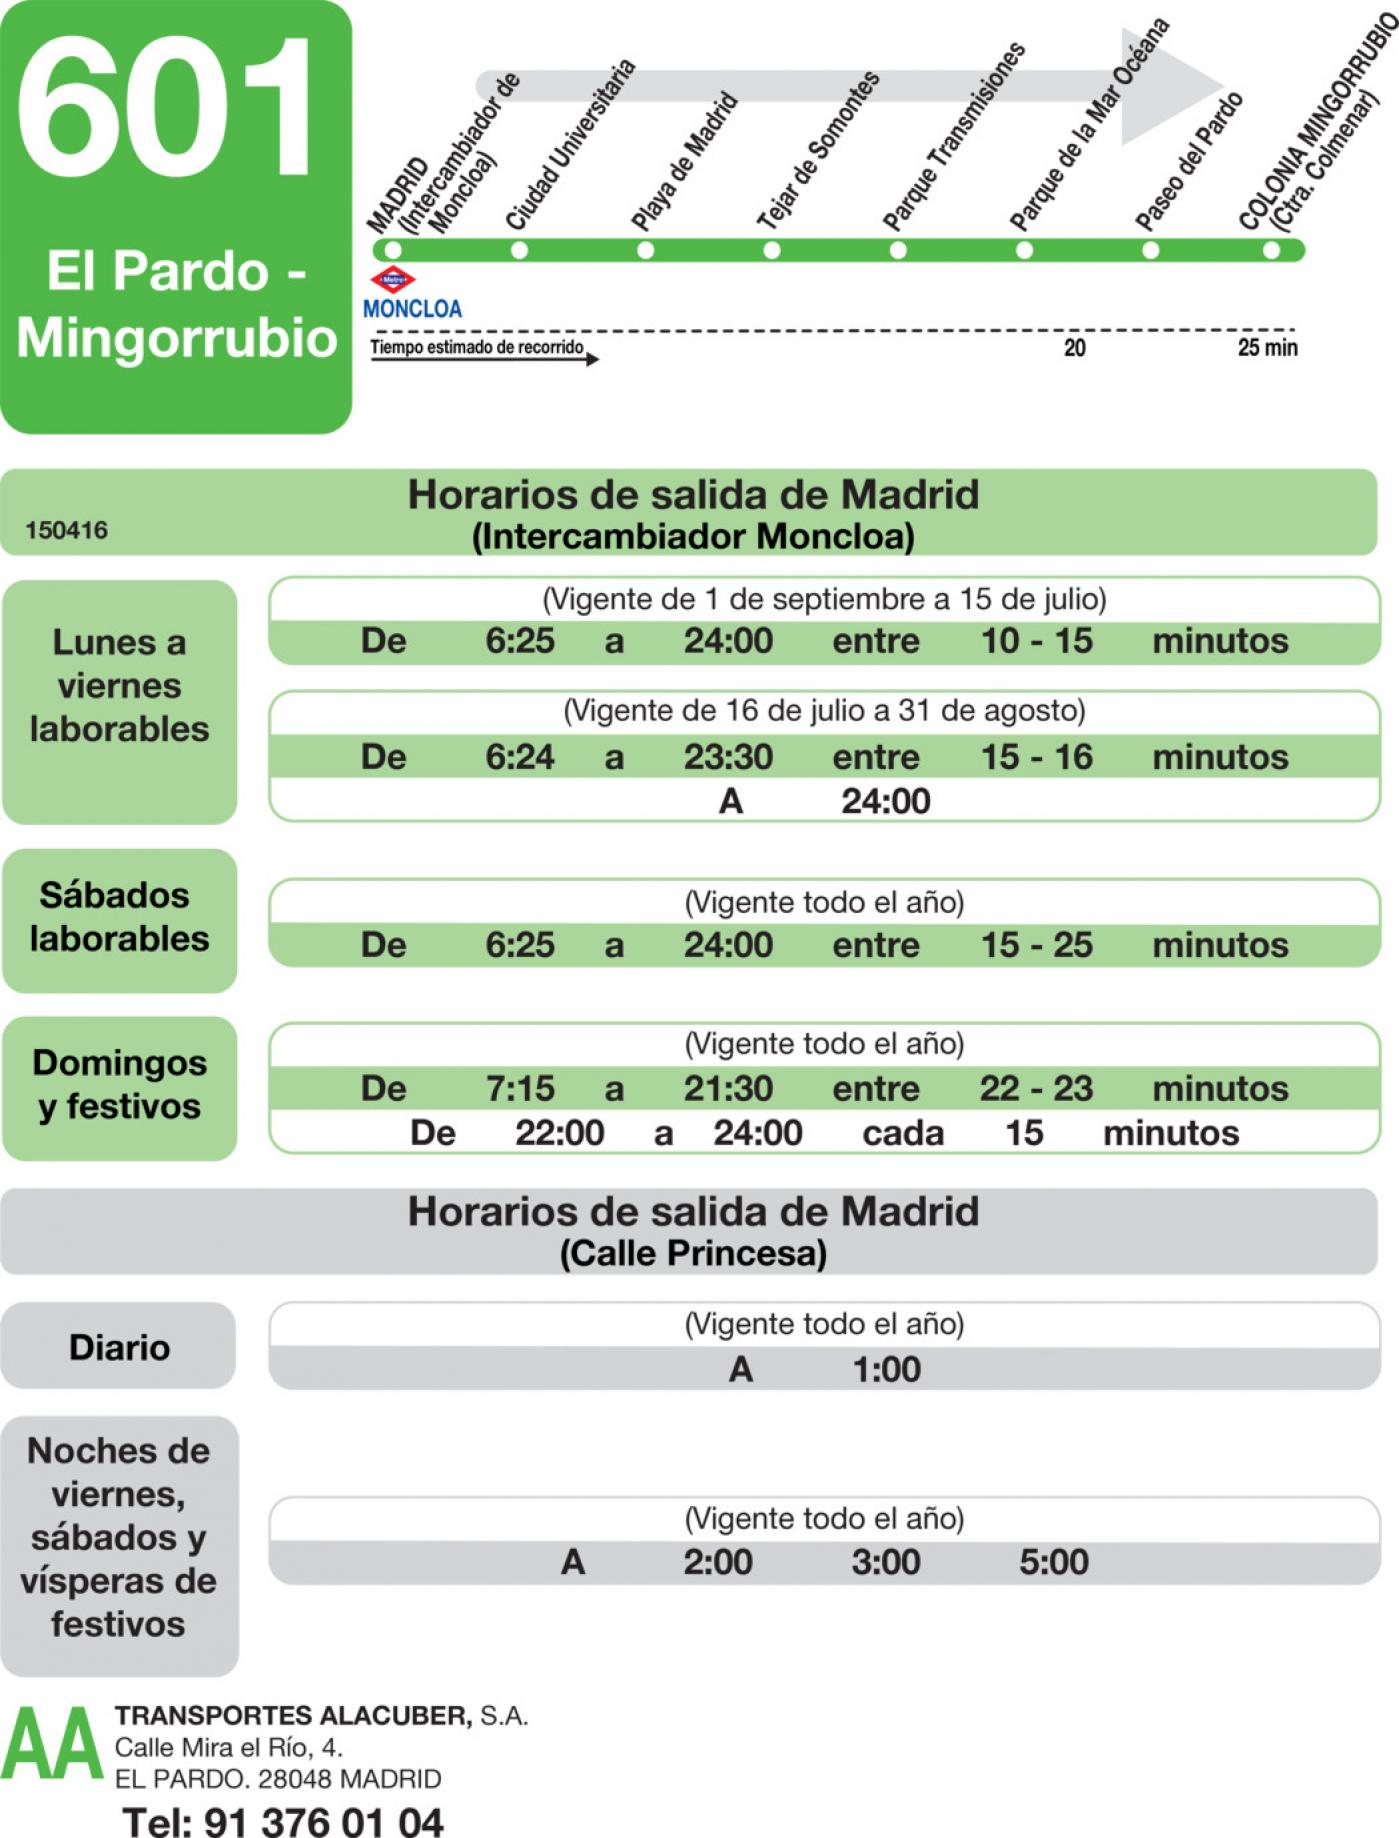 Tabla de horarios y frecuencias de paso en sentido ida Línea 601: Madrid (Moncloa) - El Pardo - Mingorrubio